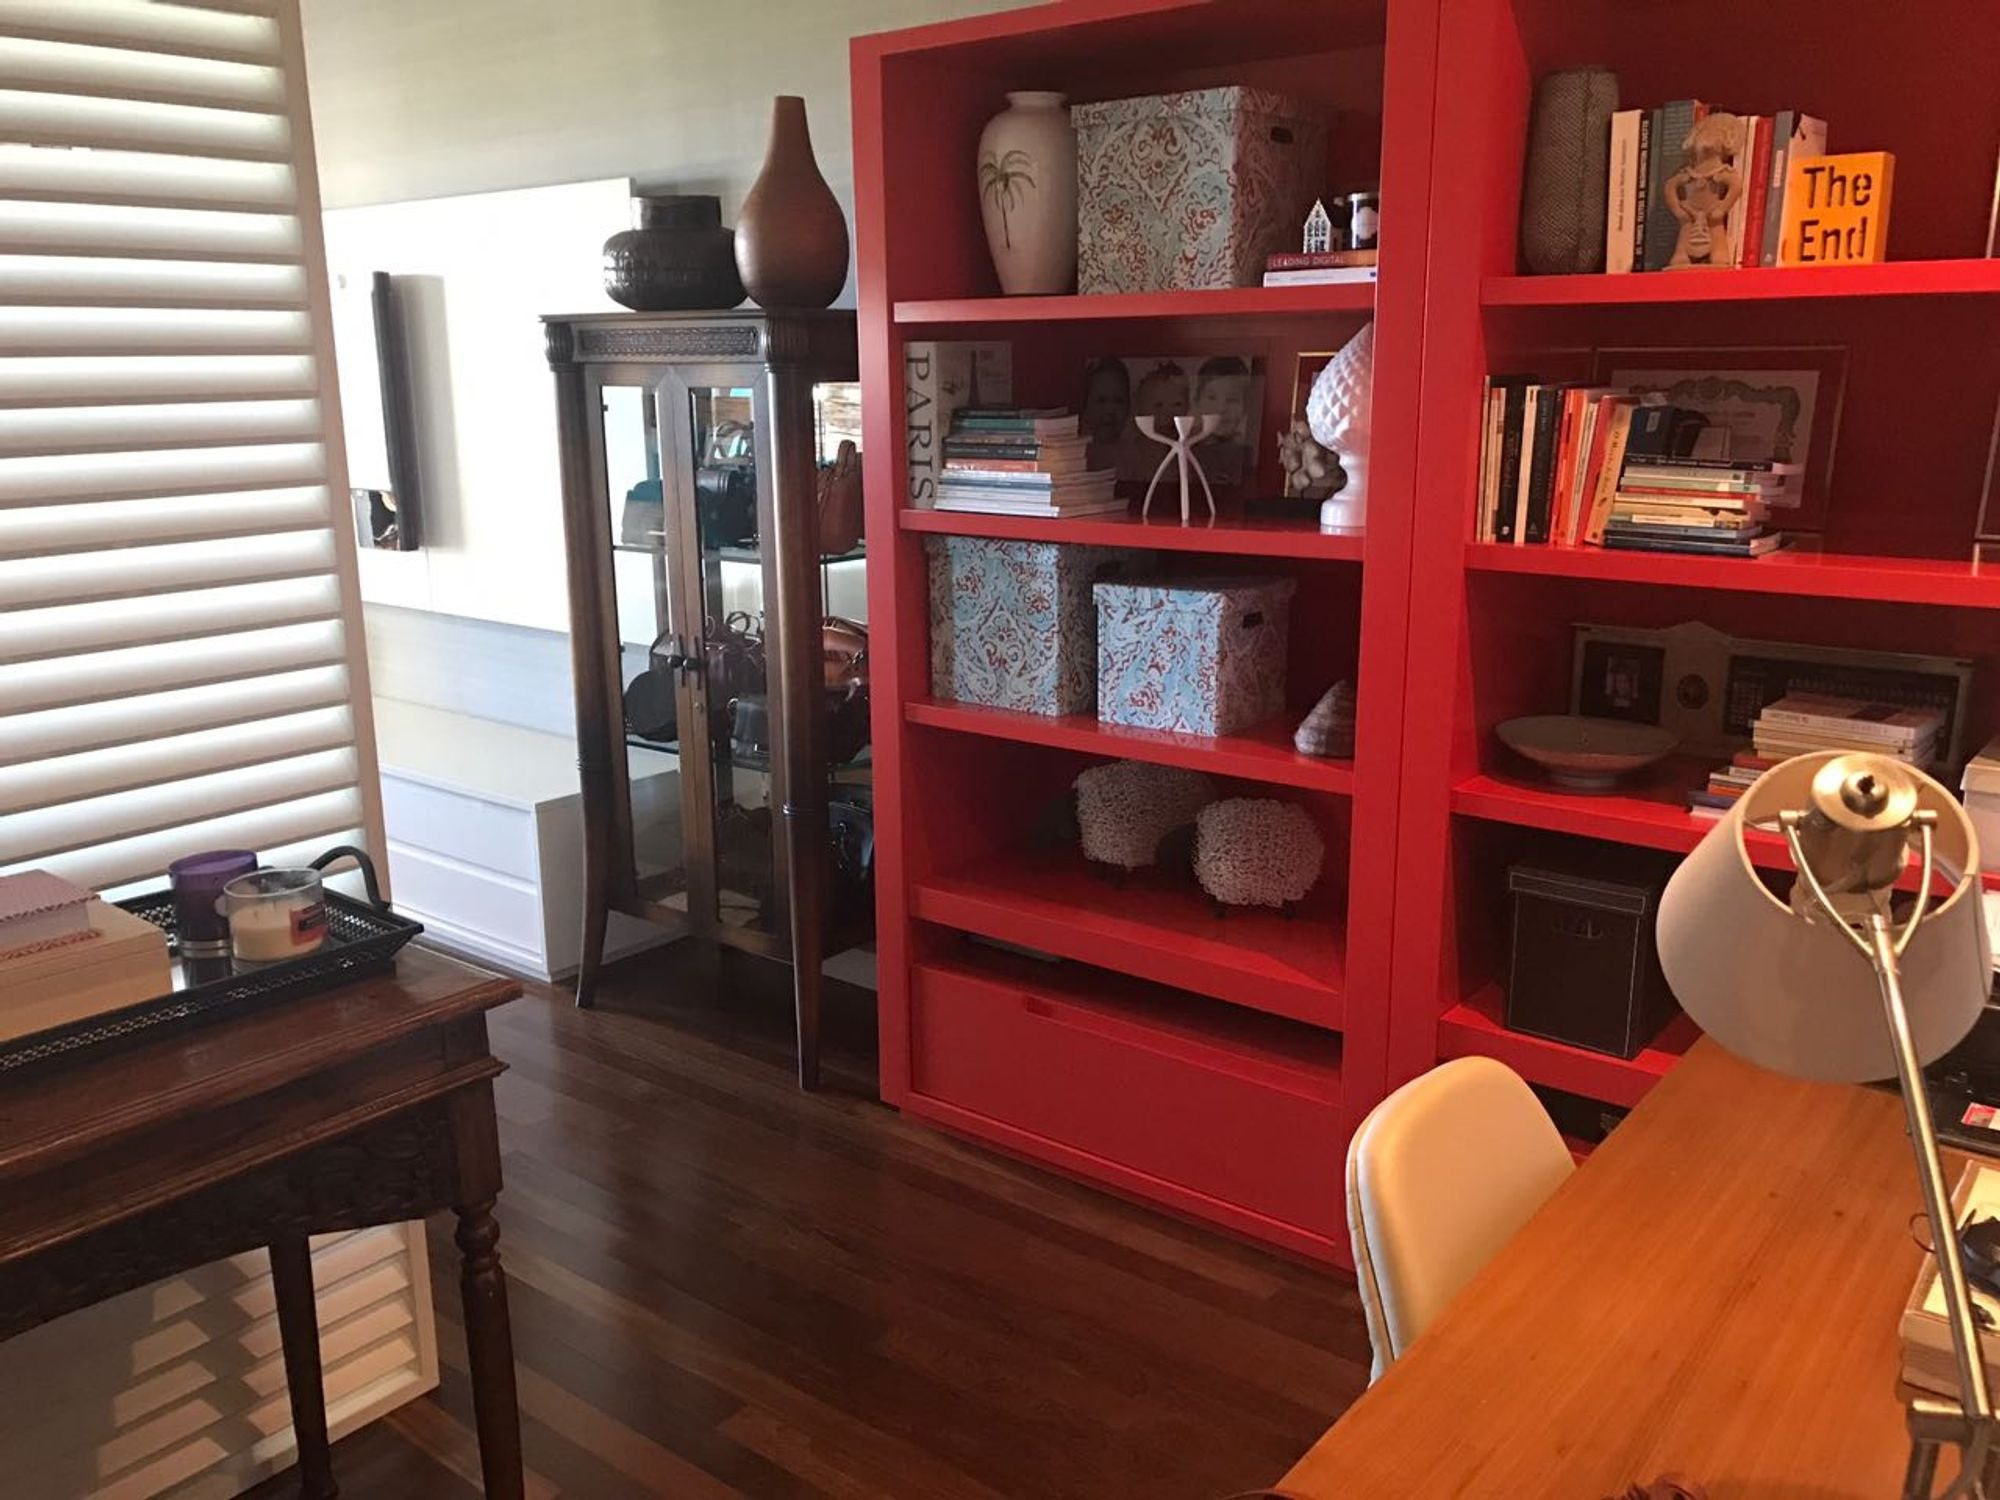 Foto de Sala com vaso, cadeira, livro